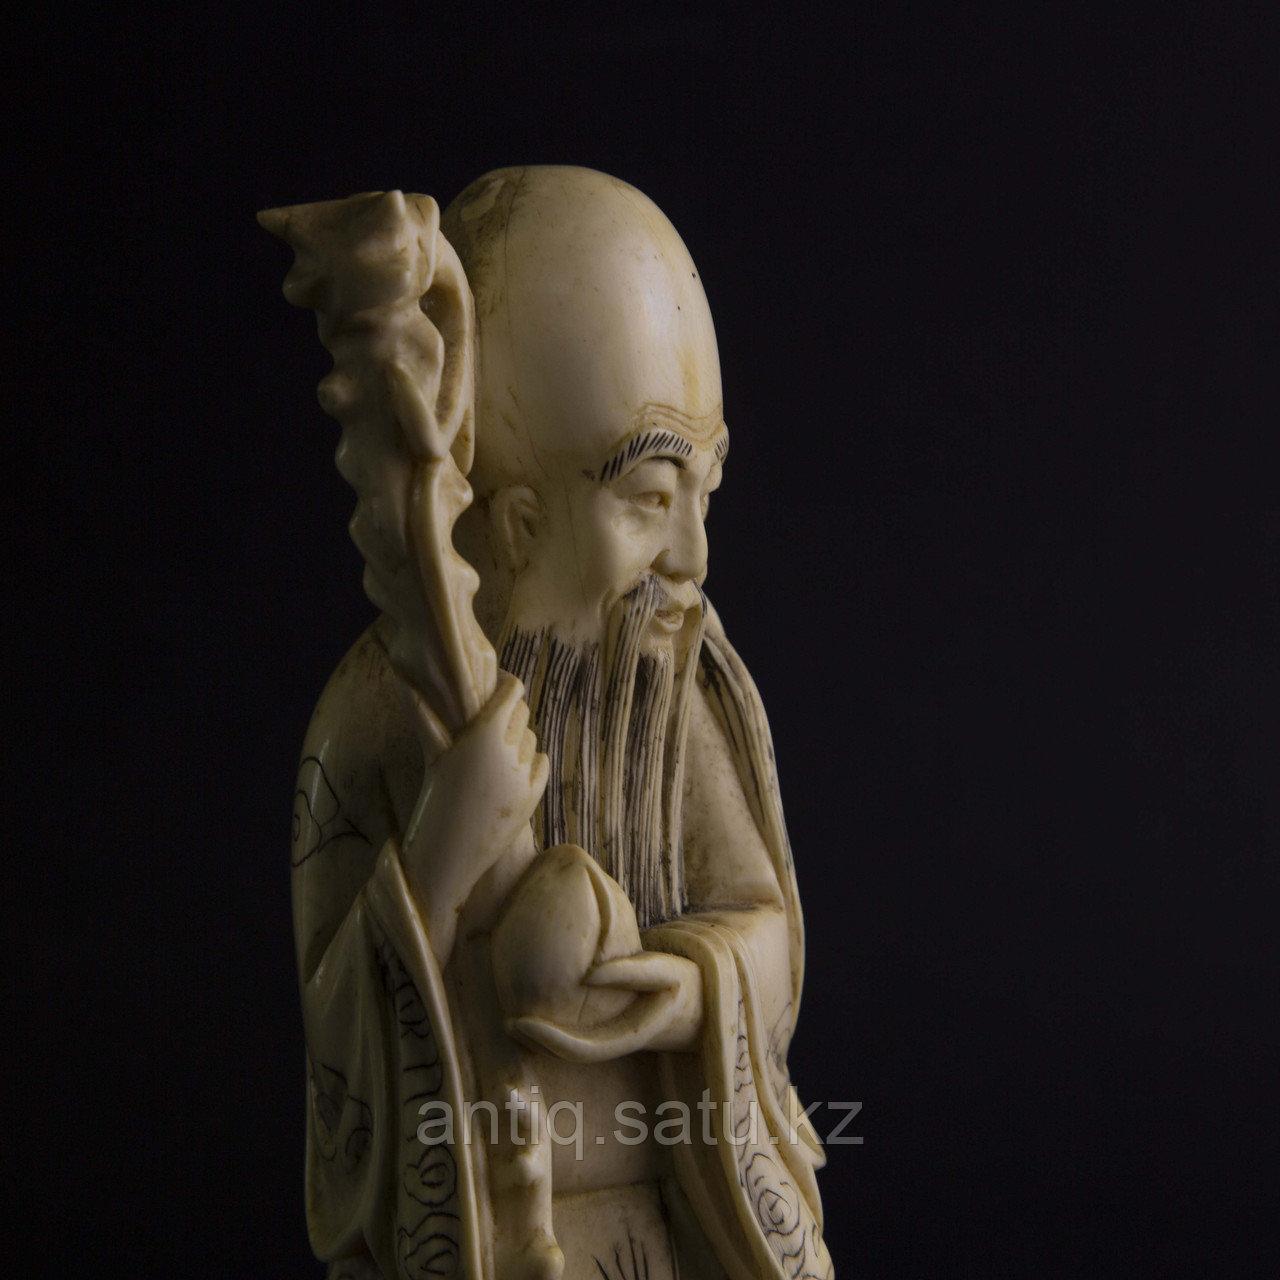 Окимоно Шоу-син (Шу, Сау) один из трех звездный старцев. Бог долголетие. - фото 6